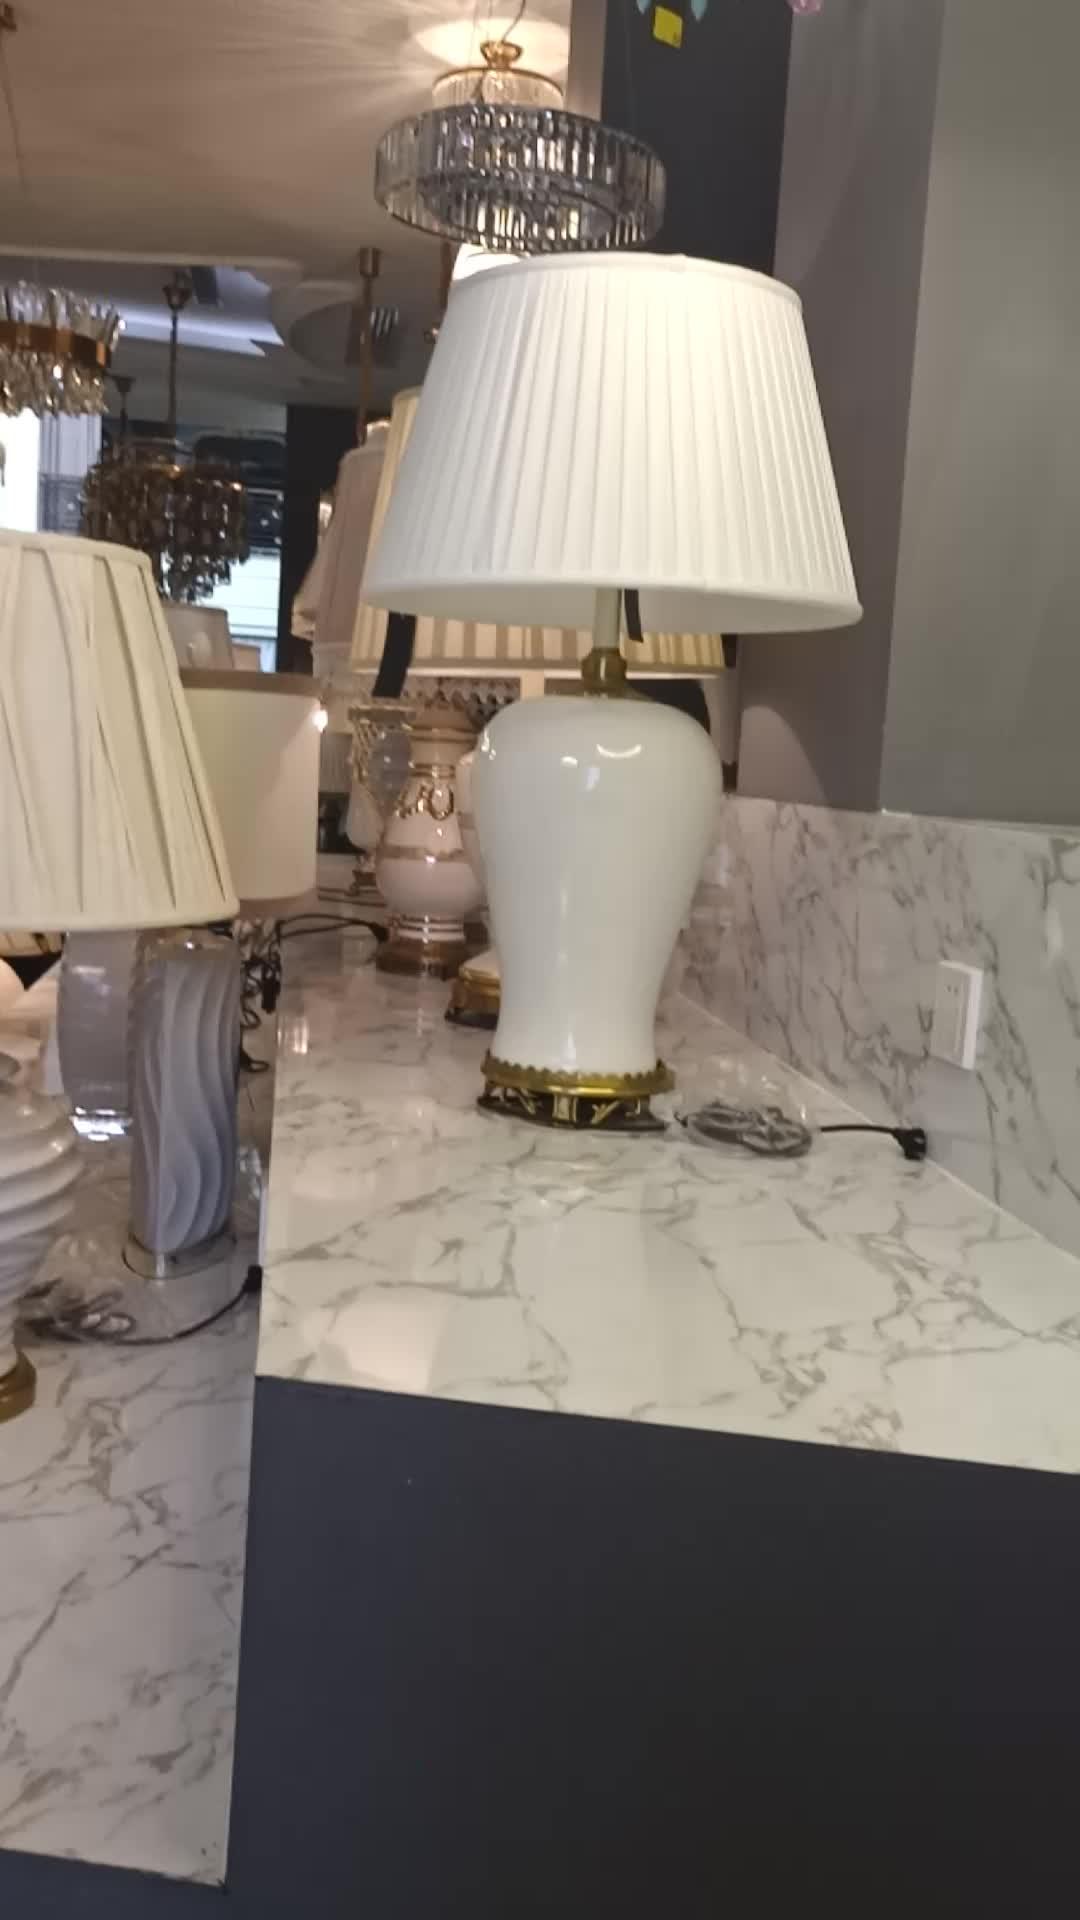 การออกแบบที่น่าทึ่งตารางโคมไฟทองแดงเช่นรูปร่างสุทธิ InterestingTable แสงสีขาวผ้าสีโคมไฟโต๊ะโคมไฟ